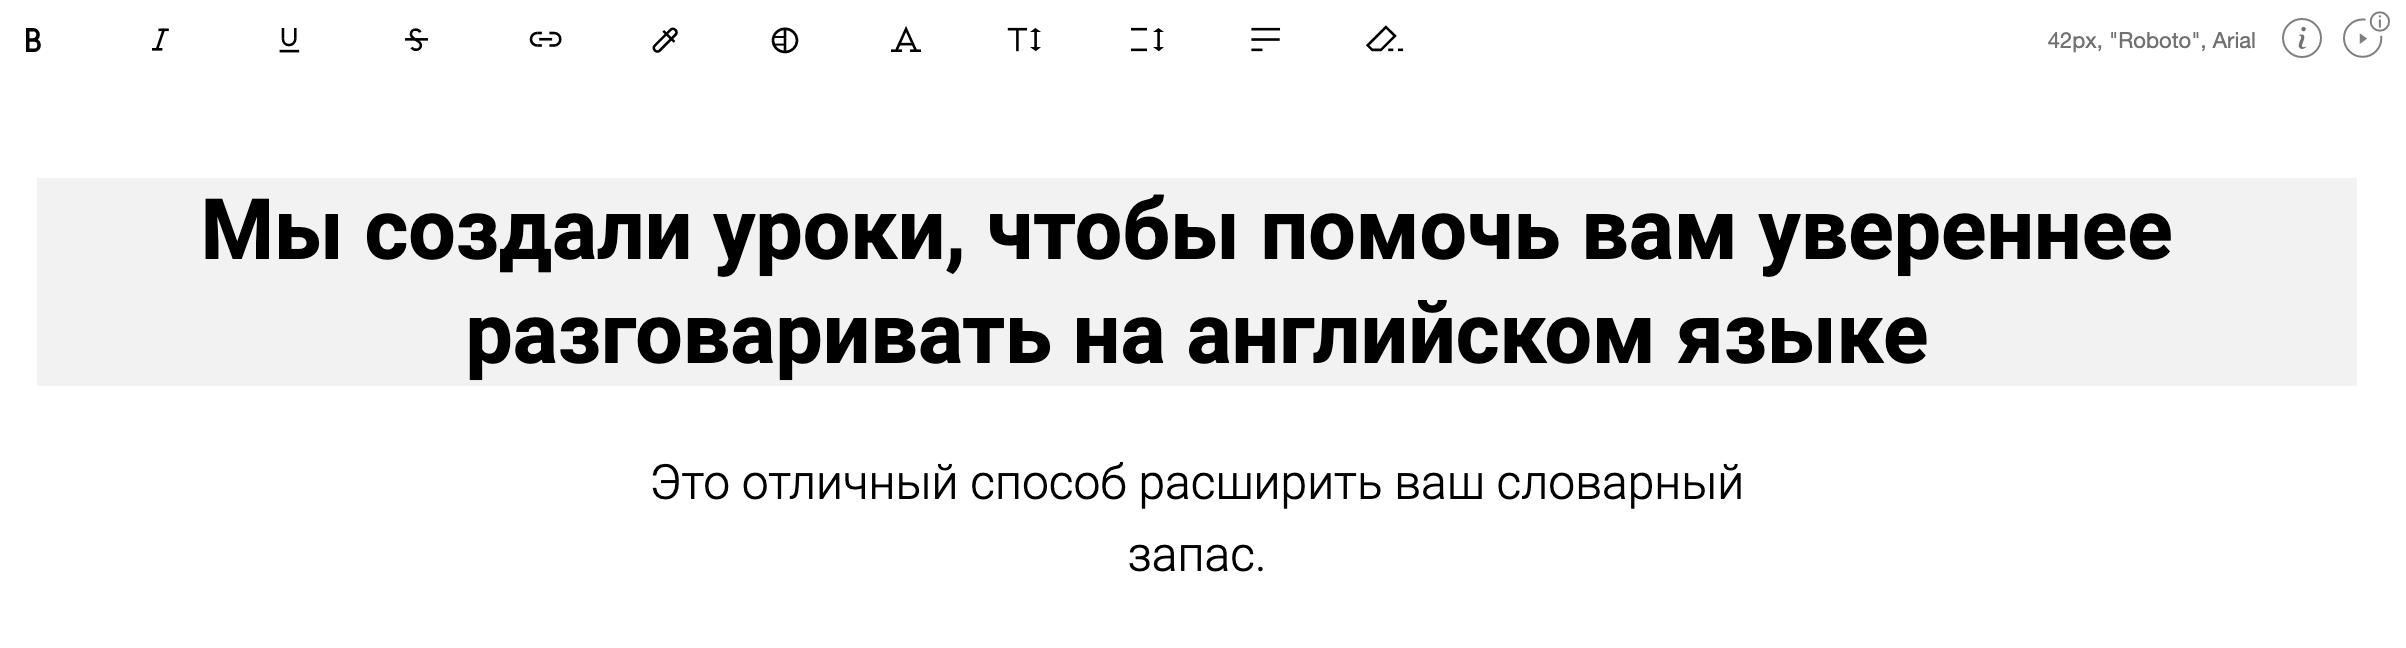 Редактирование текста в редакторе сайта Тильда